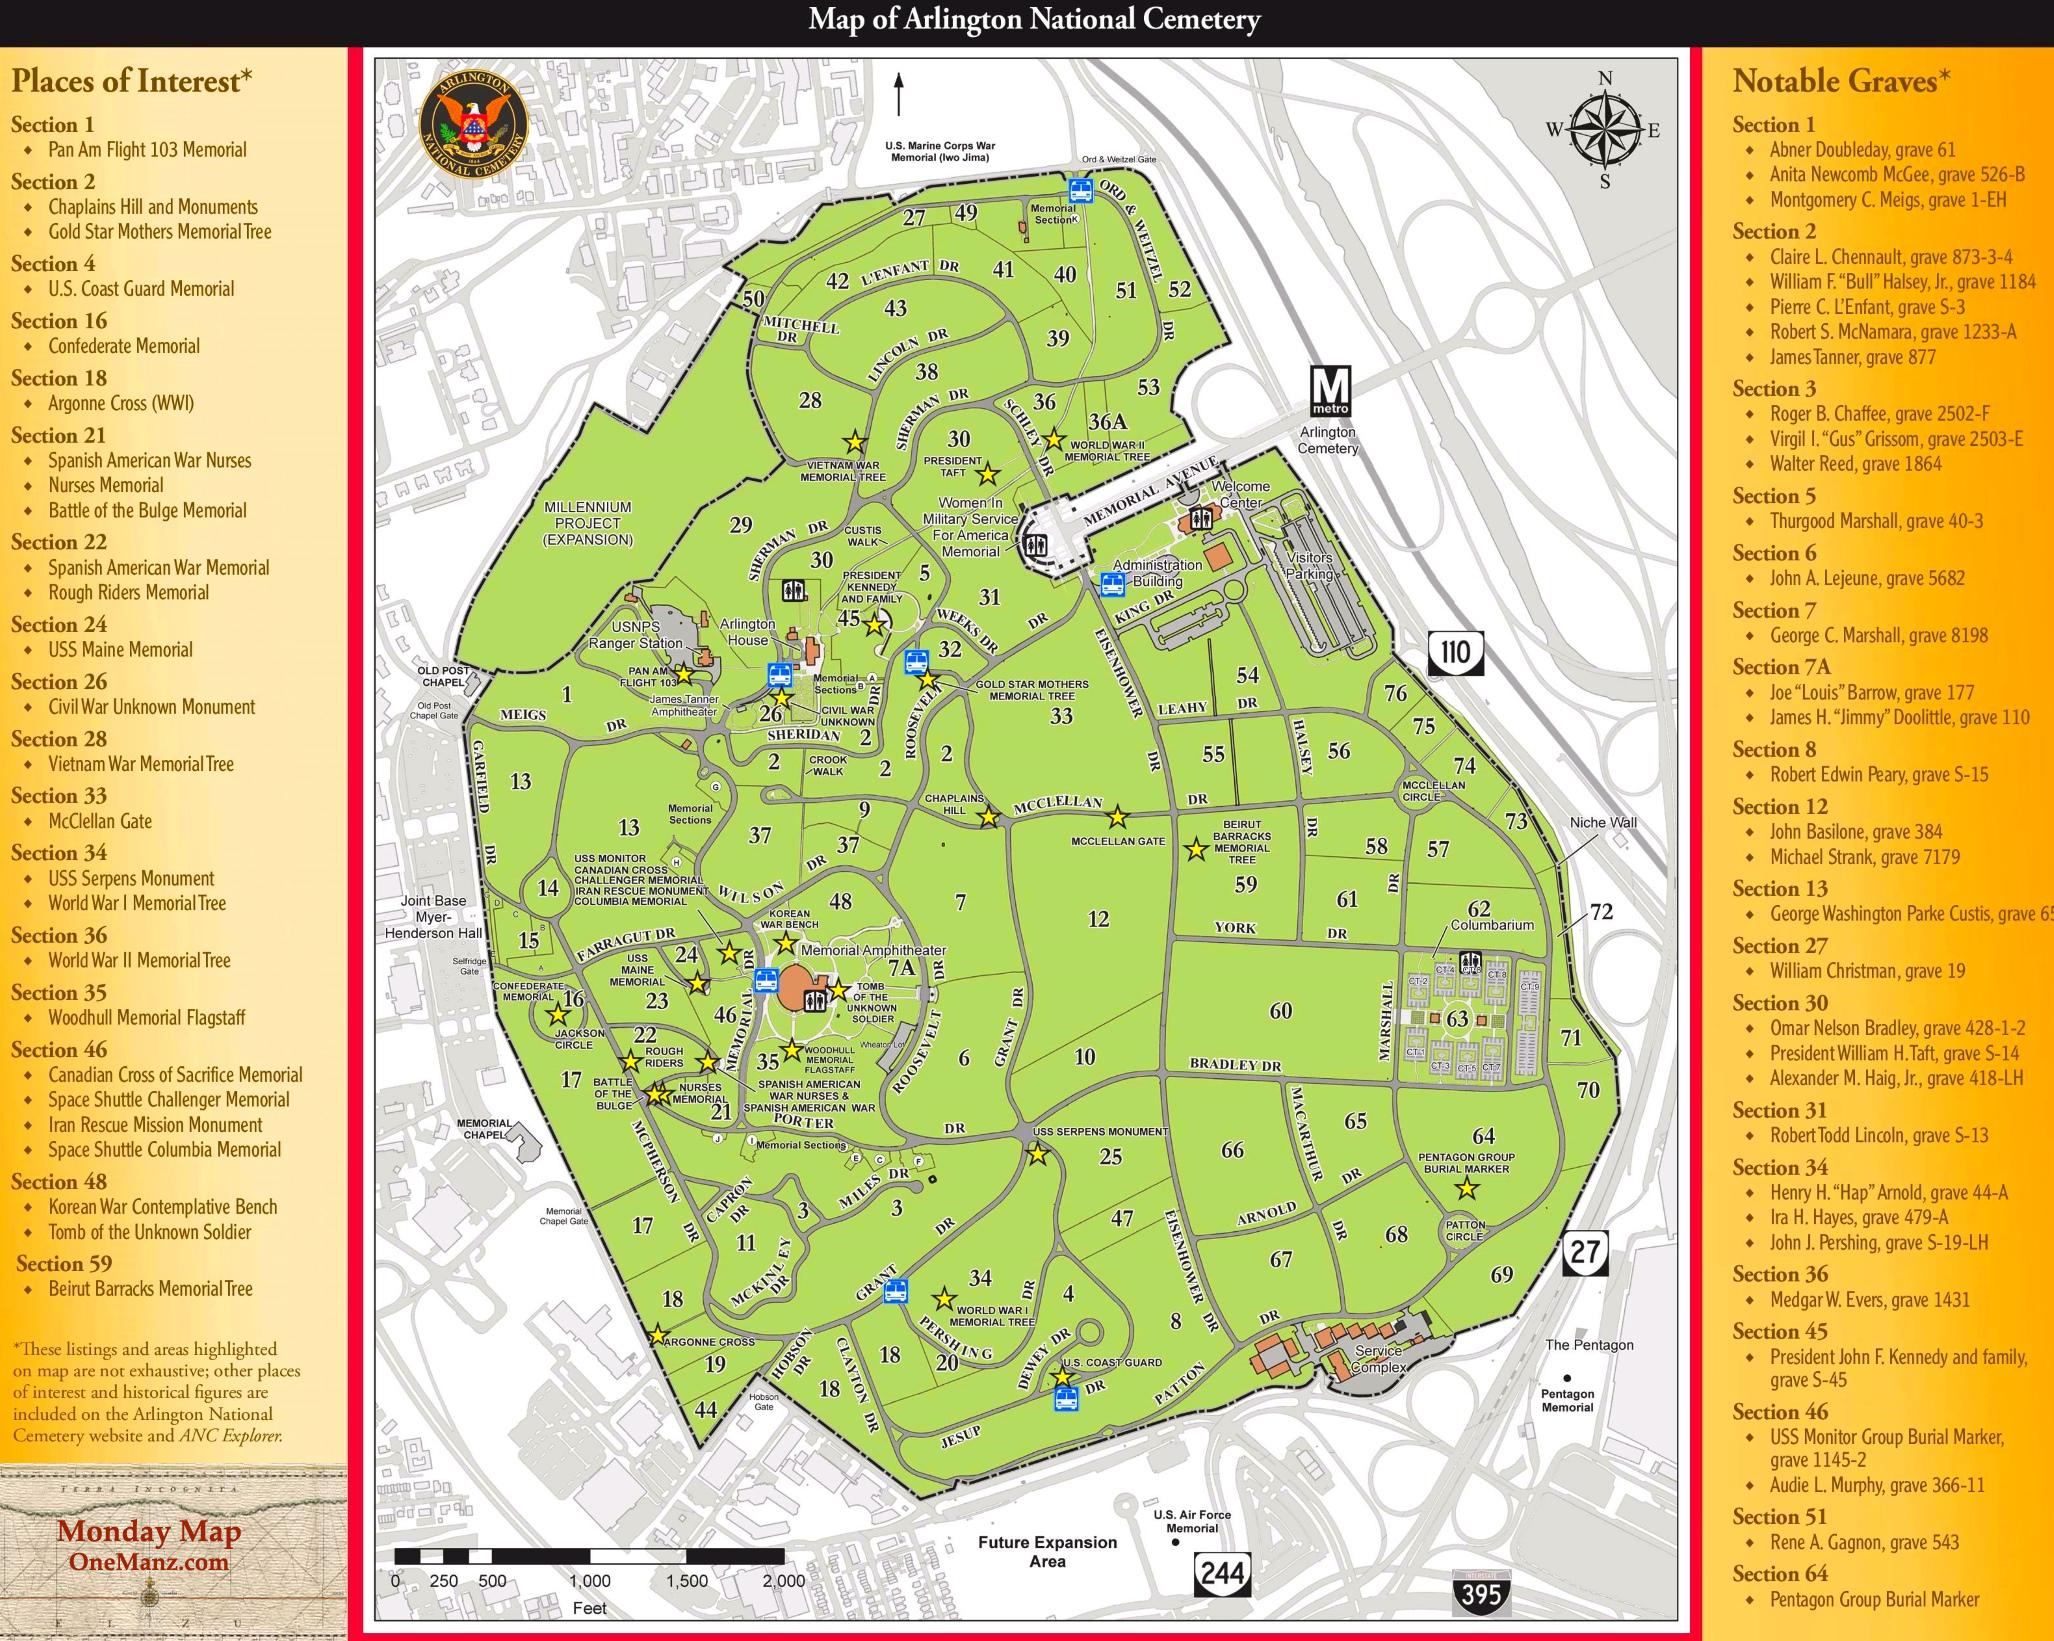 Arlington_National_Cemetary_Map_Memorial_Day_onemanz.com